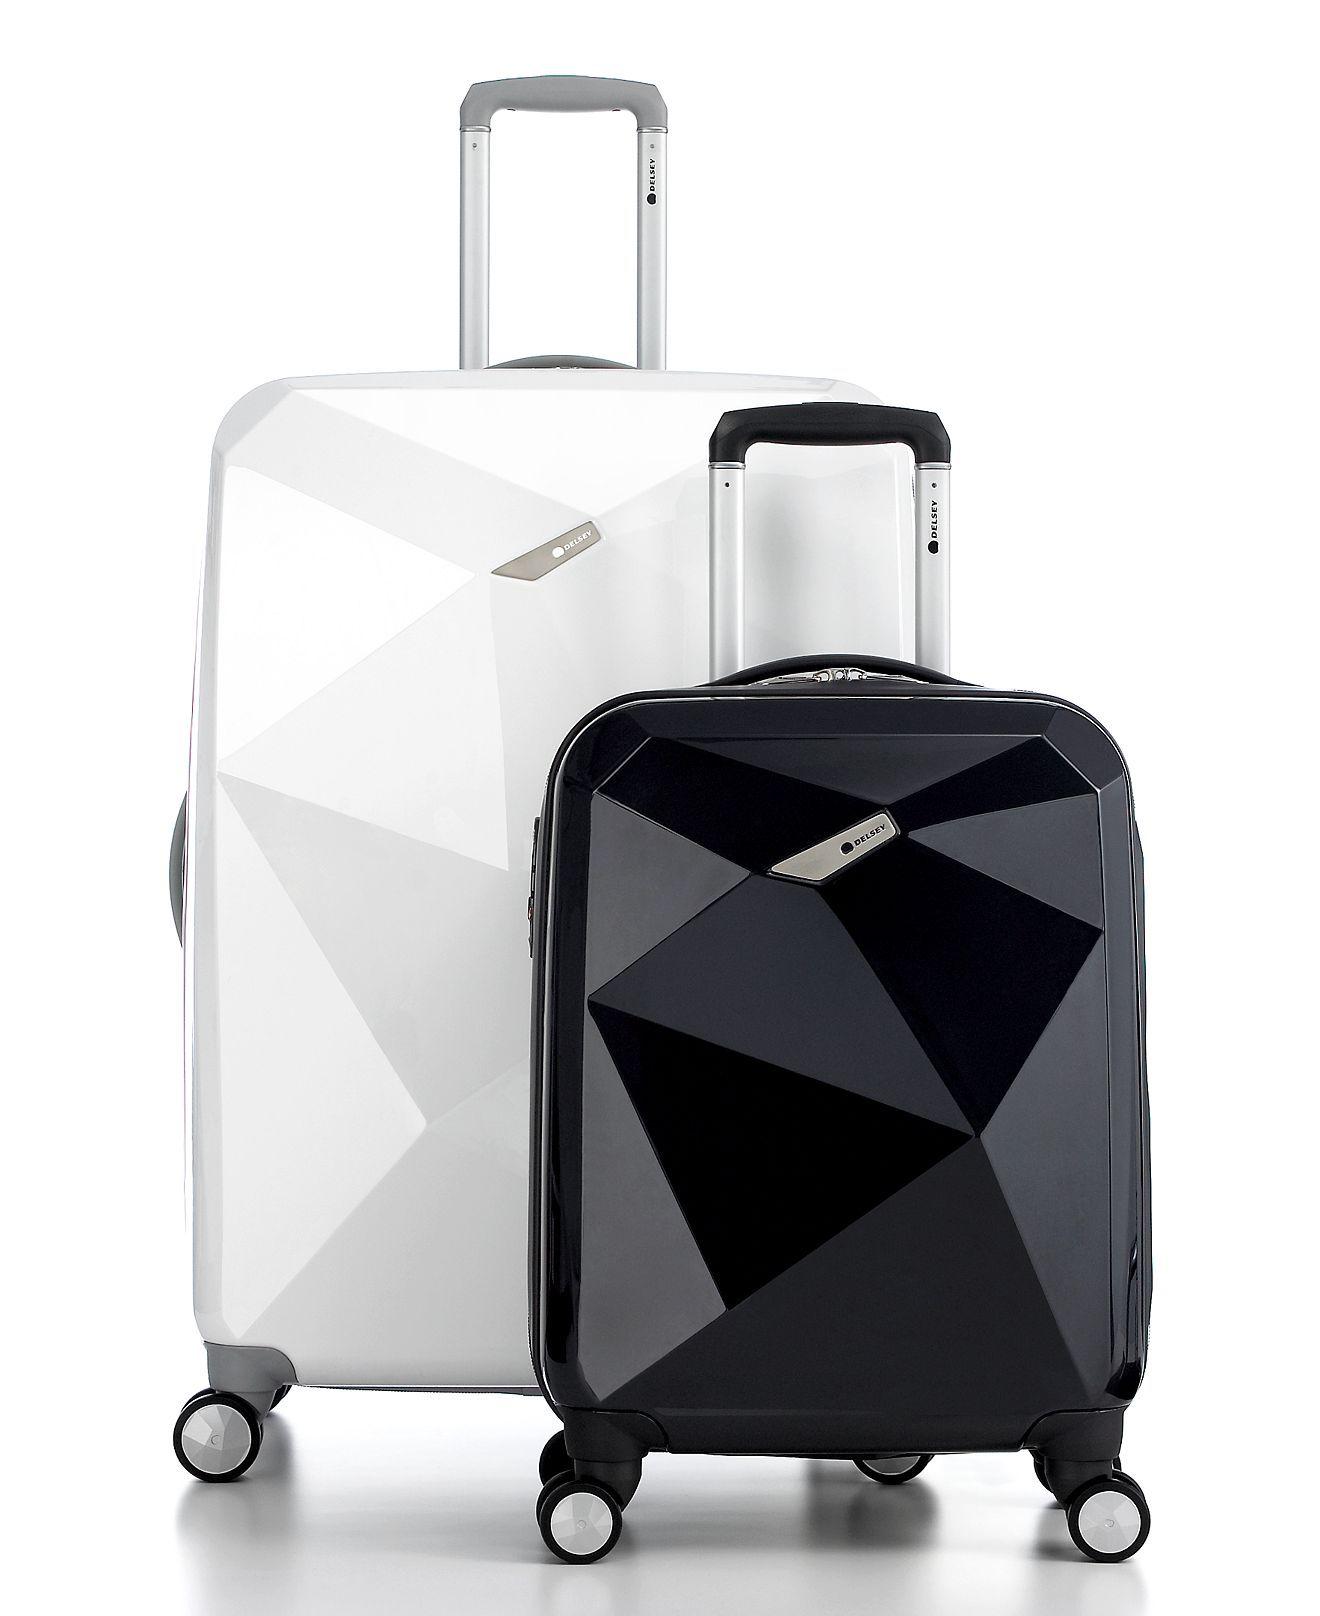 043bd8dce Delsey Luggage, Karat Hardside | Bolsos | Maleta de Viaje, Maletas y ...